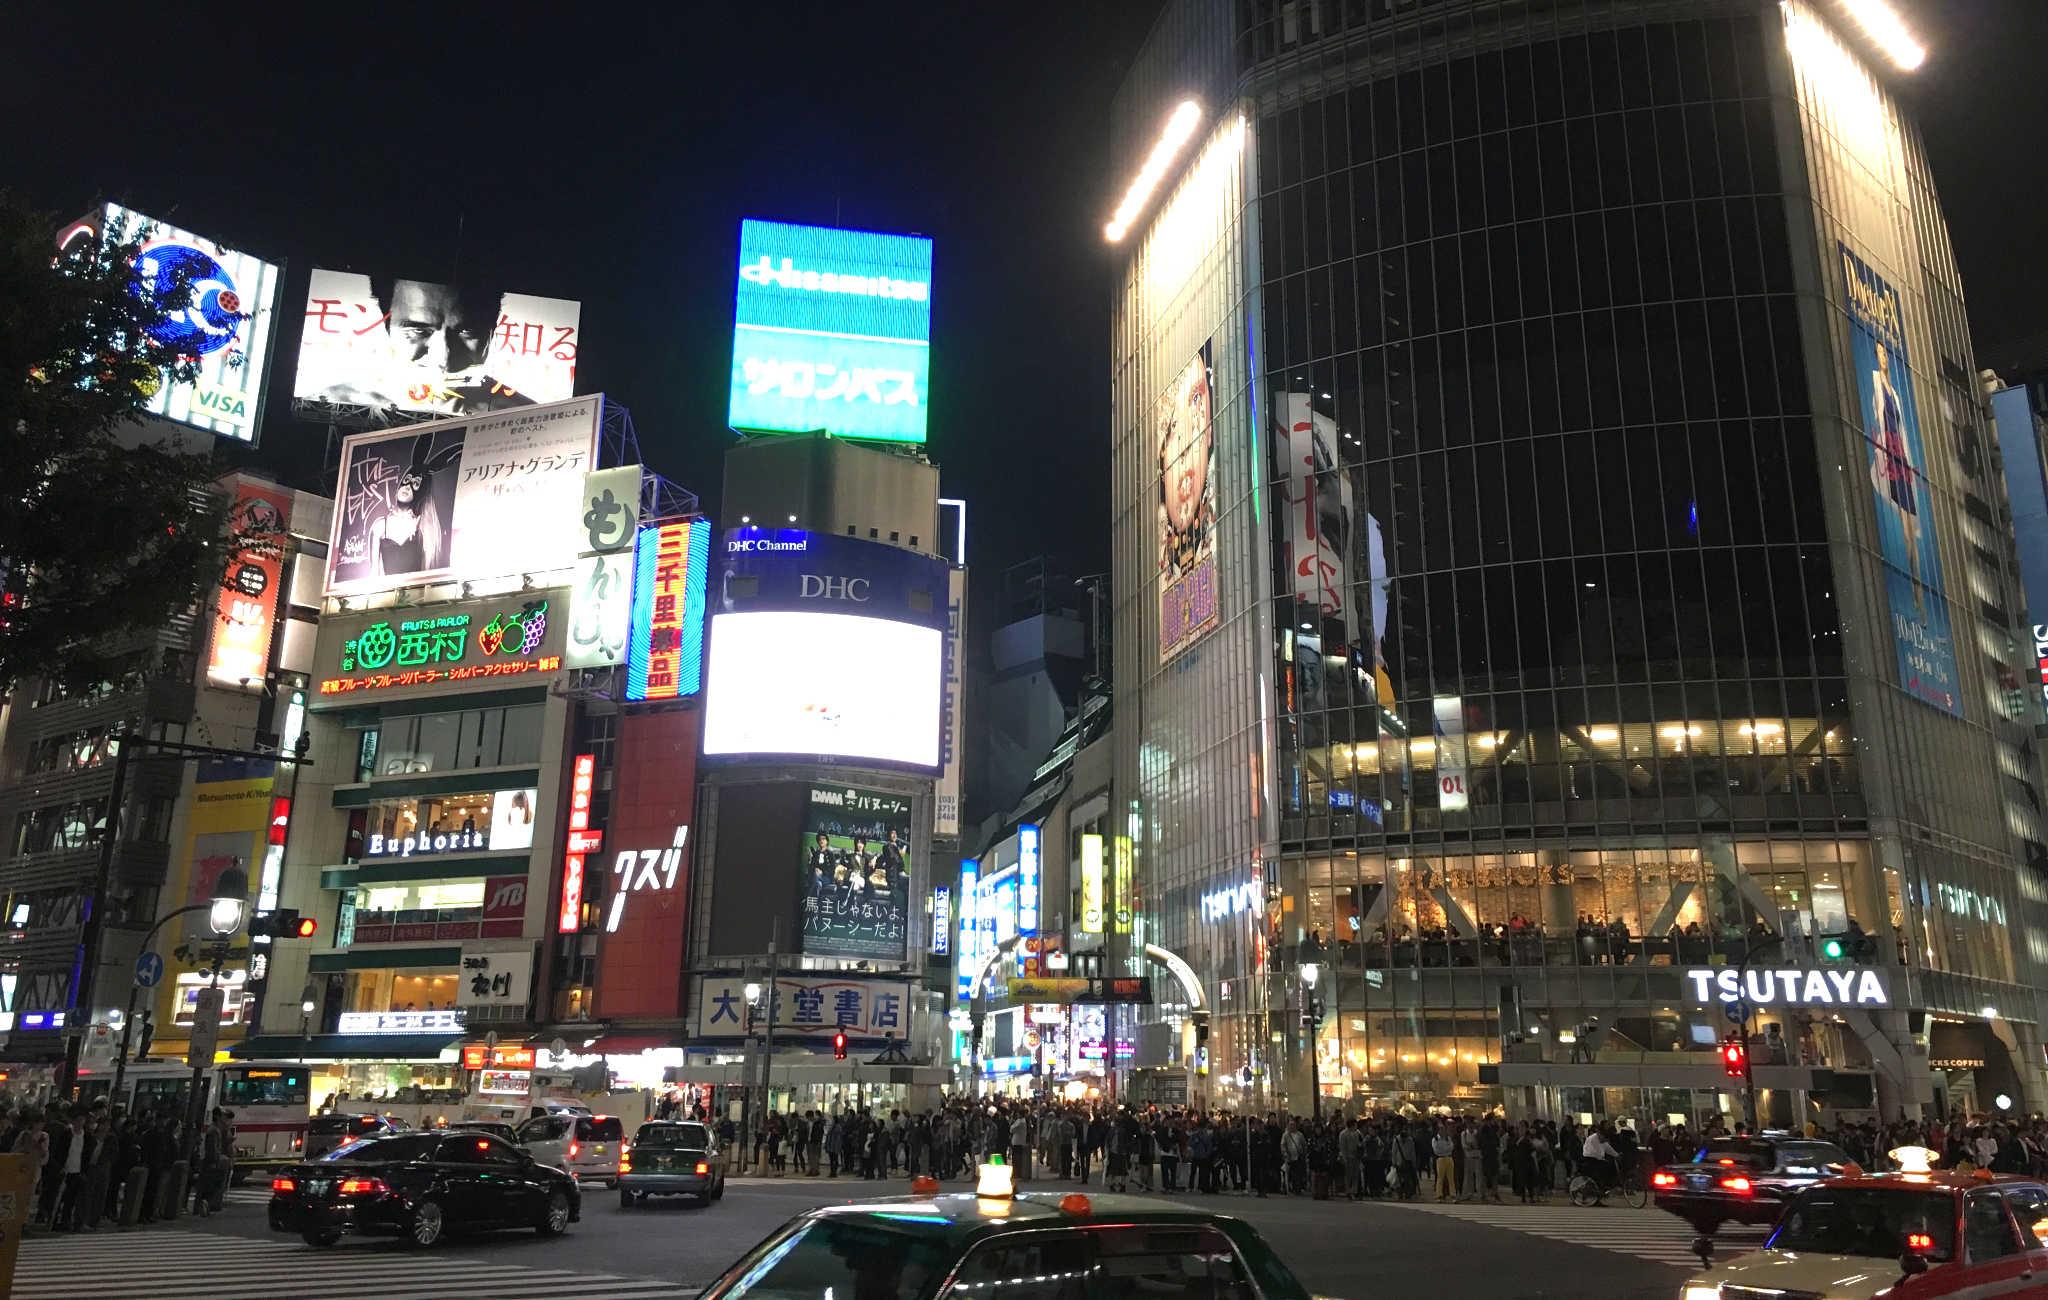 Au carrefour de Shibuya à Tokyo, une foule importante attend que le feu passe au vert